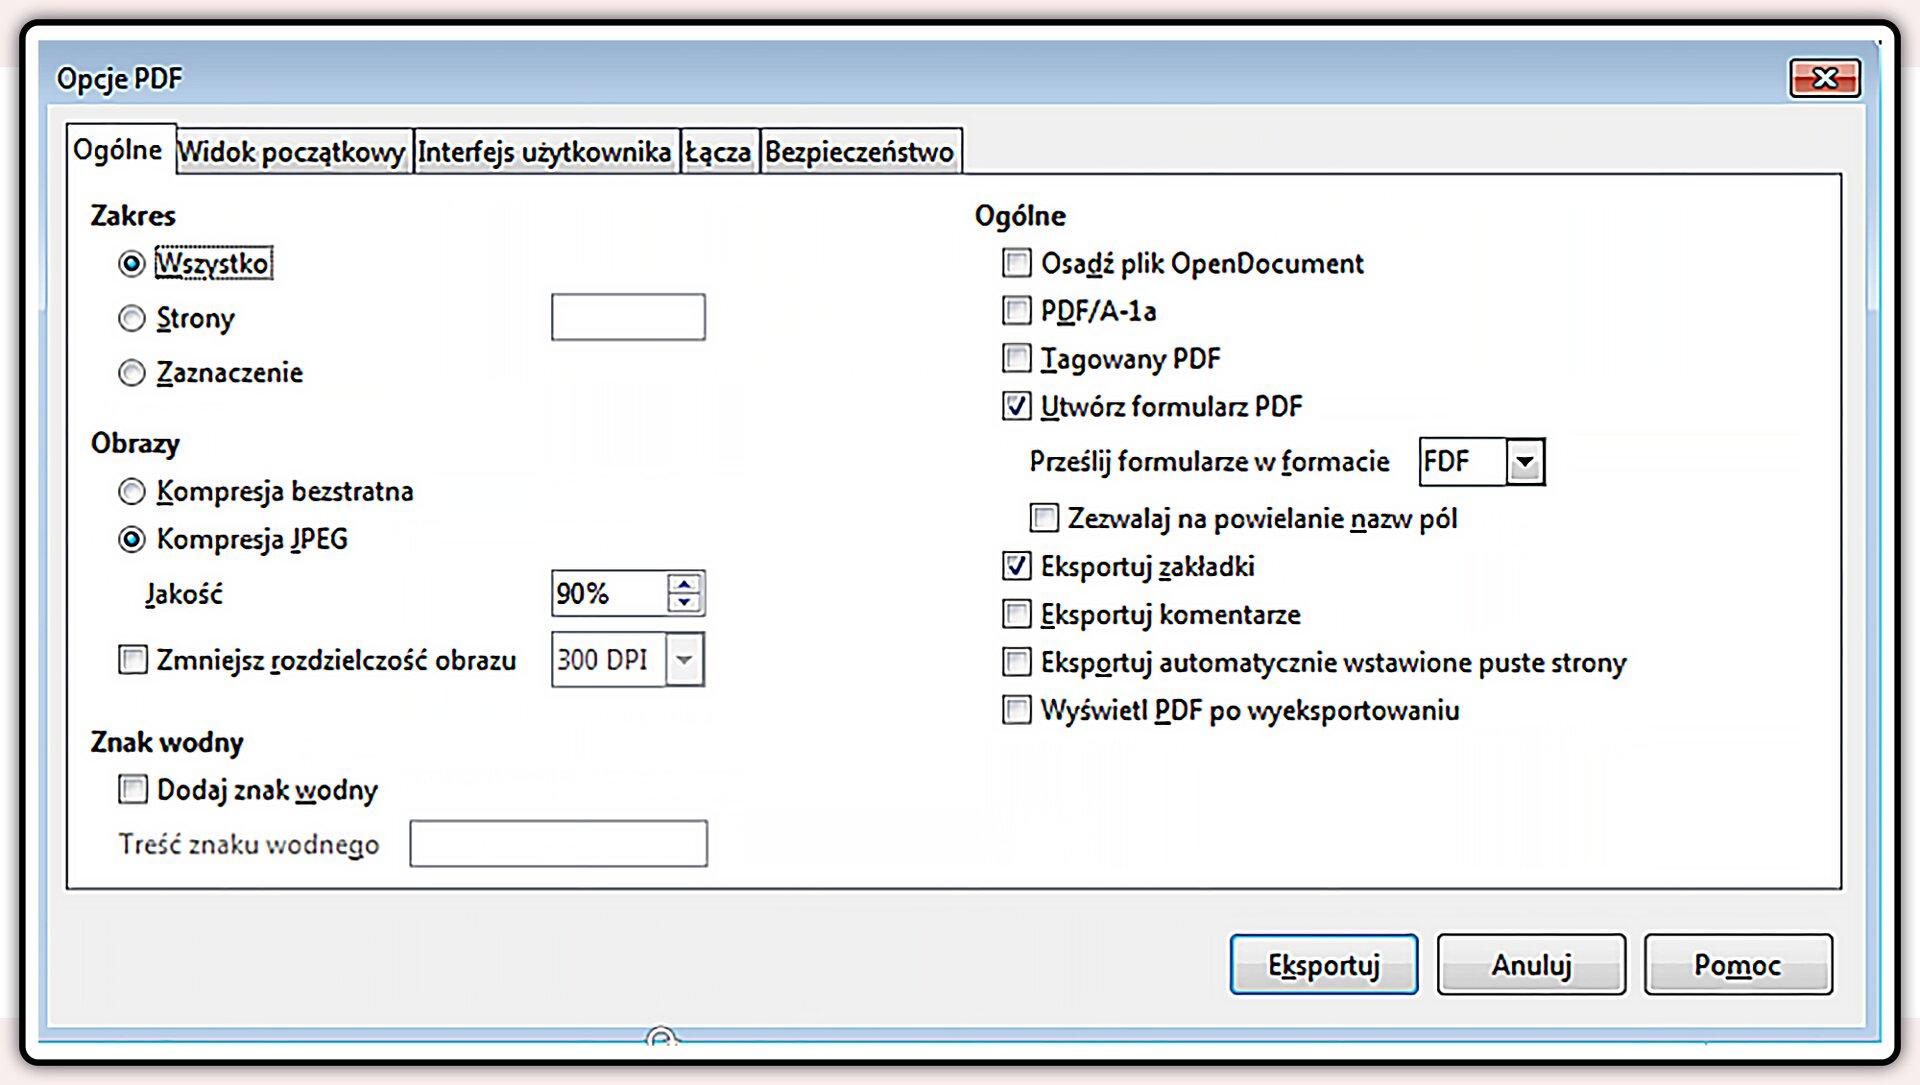 Zrzut okna: Opcje PDF